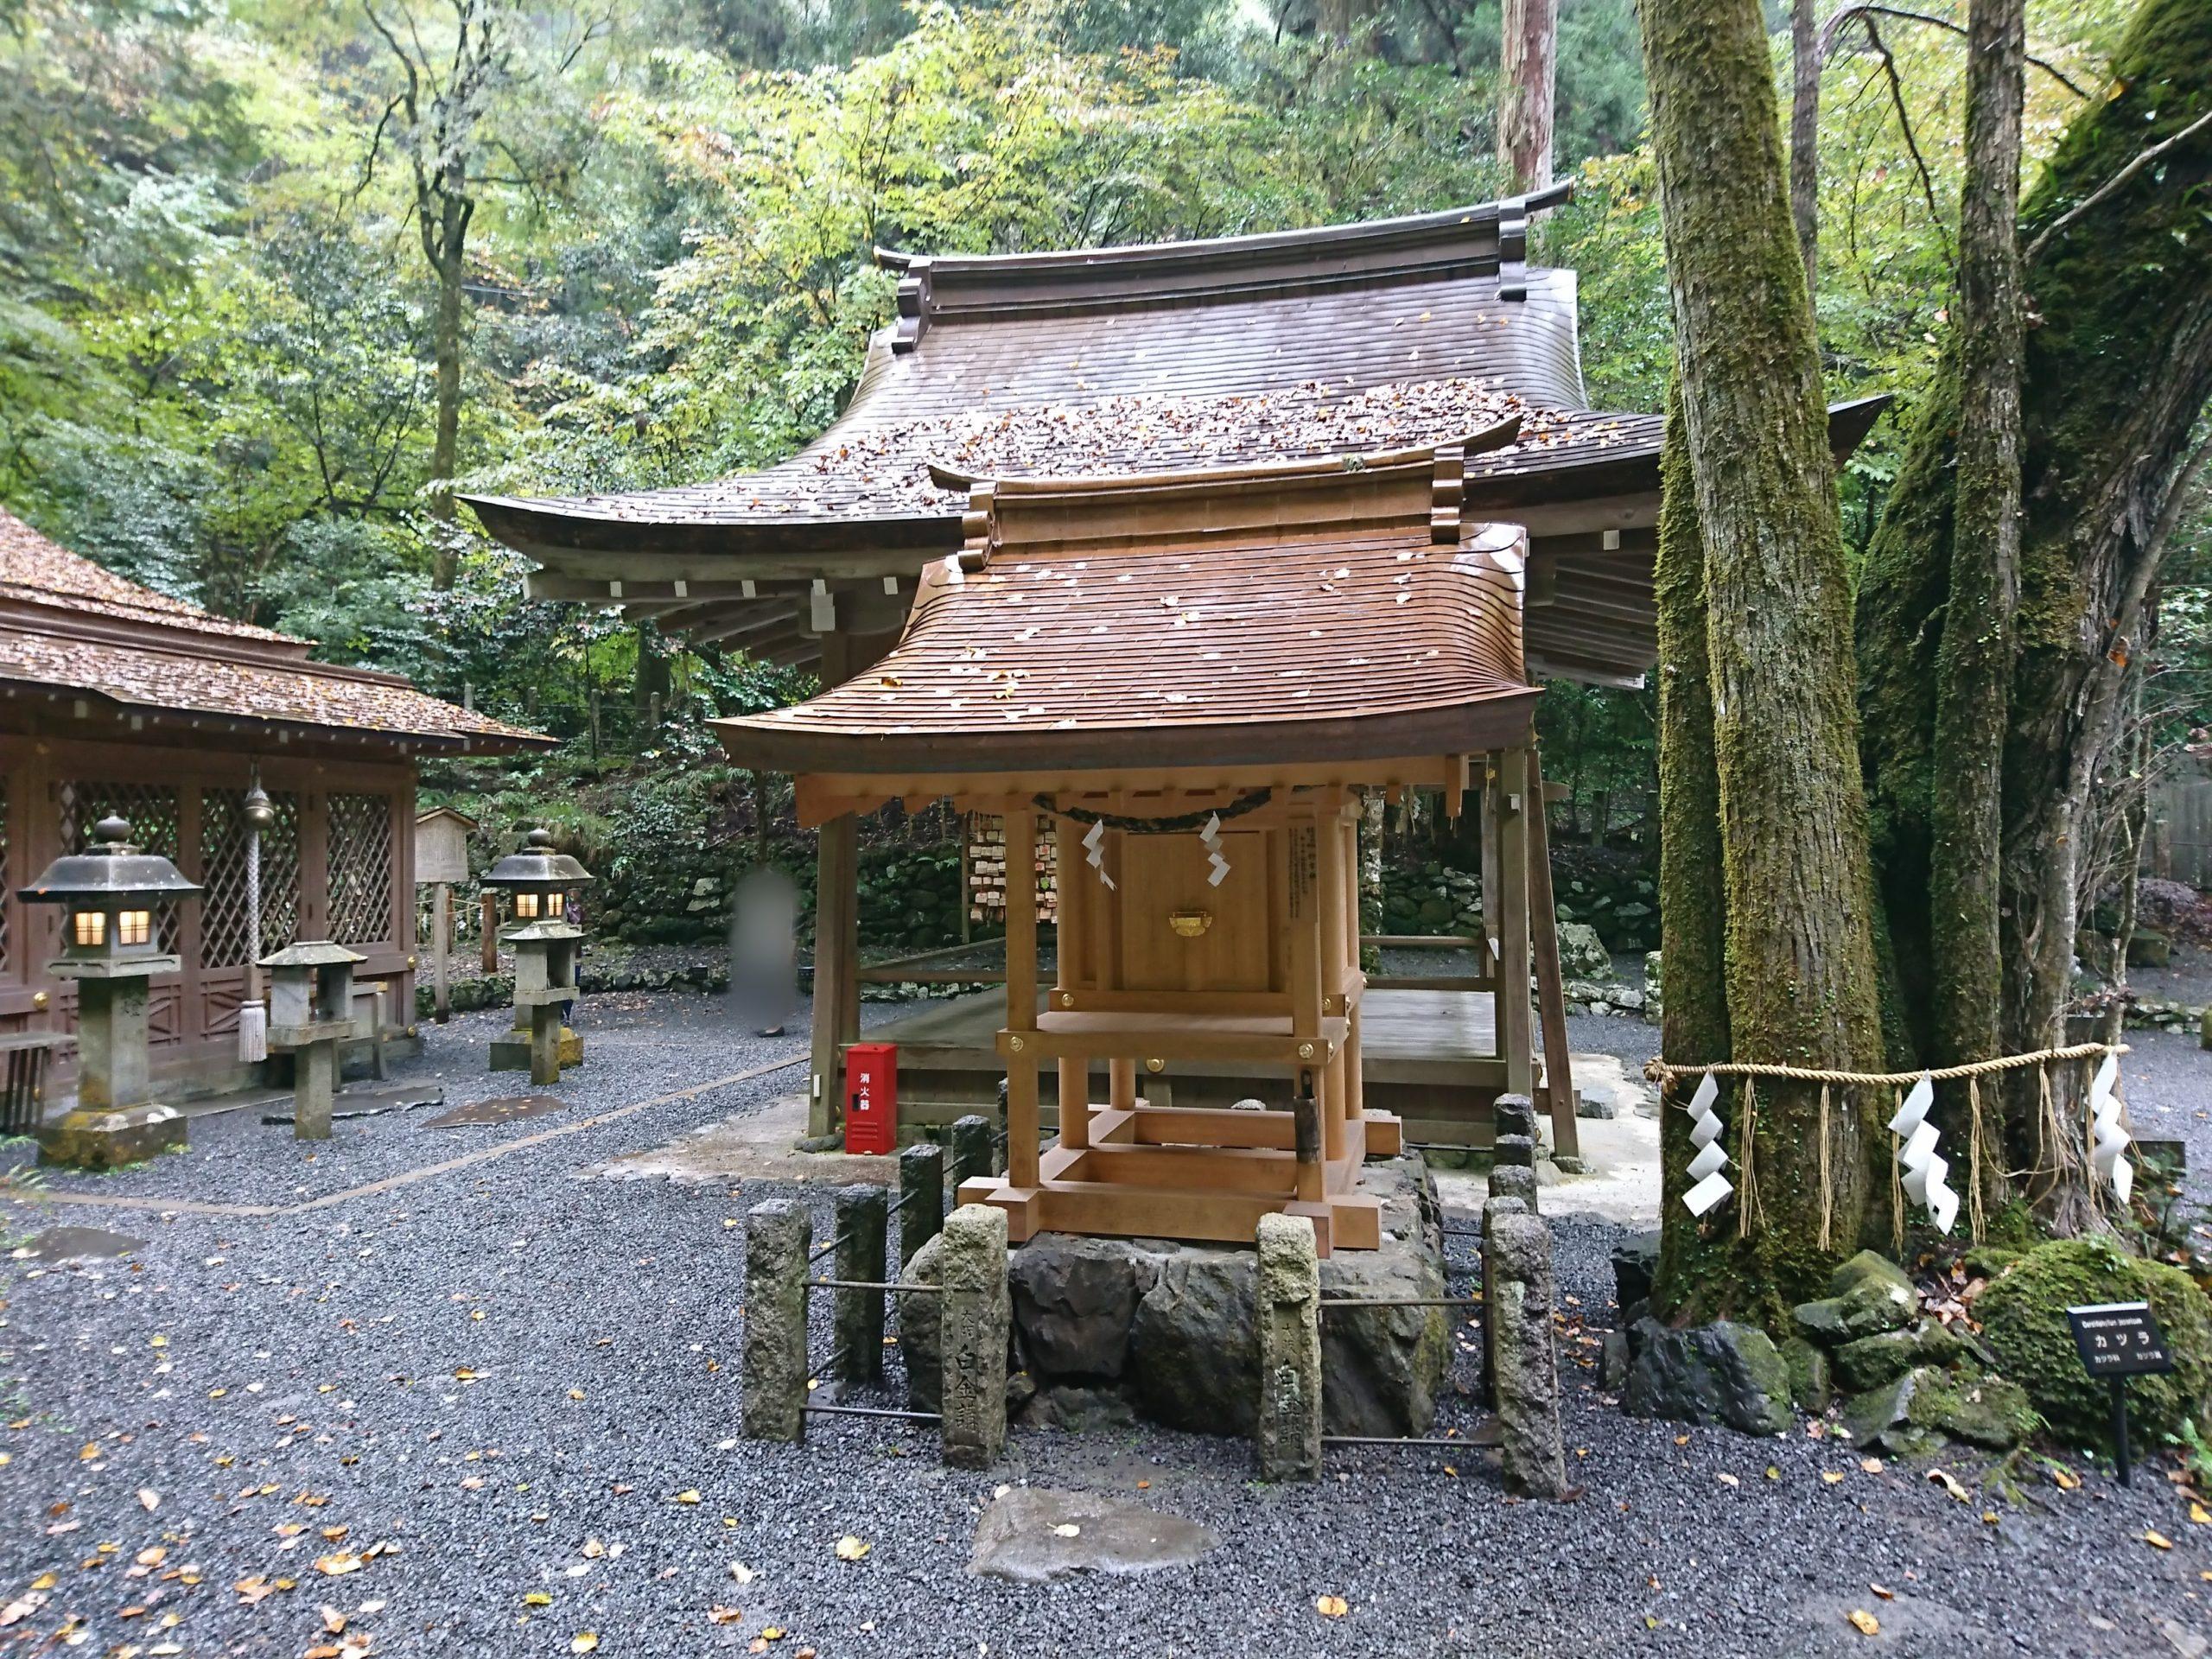 貴船神社の奥宮は丑の刻参り発祥の地